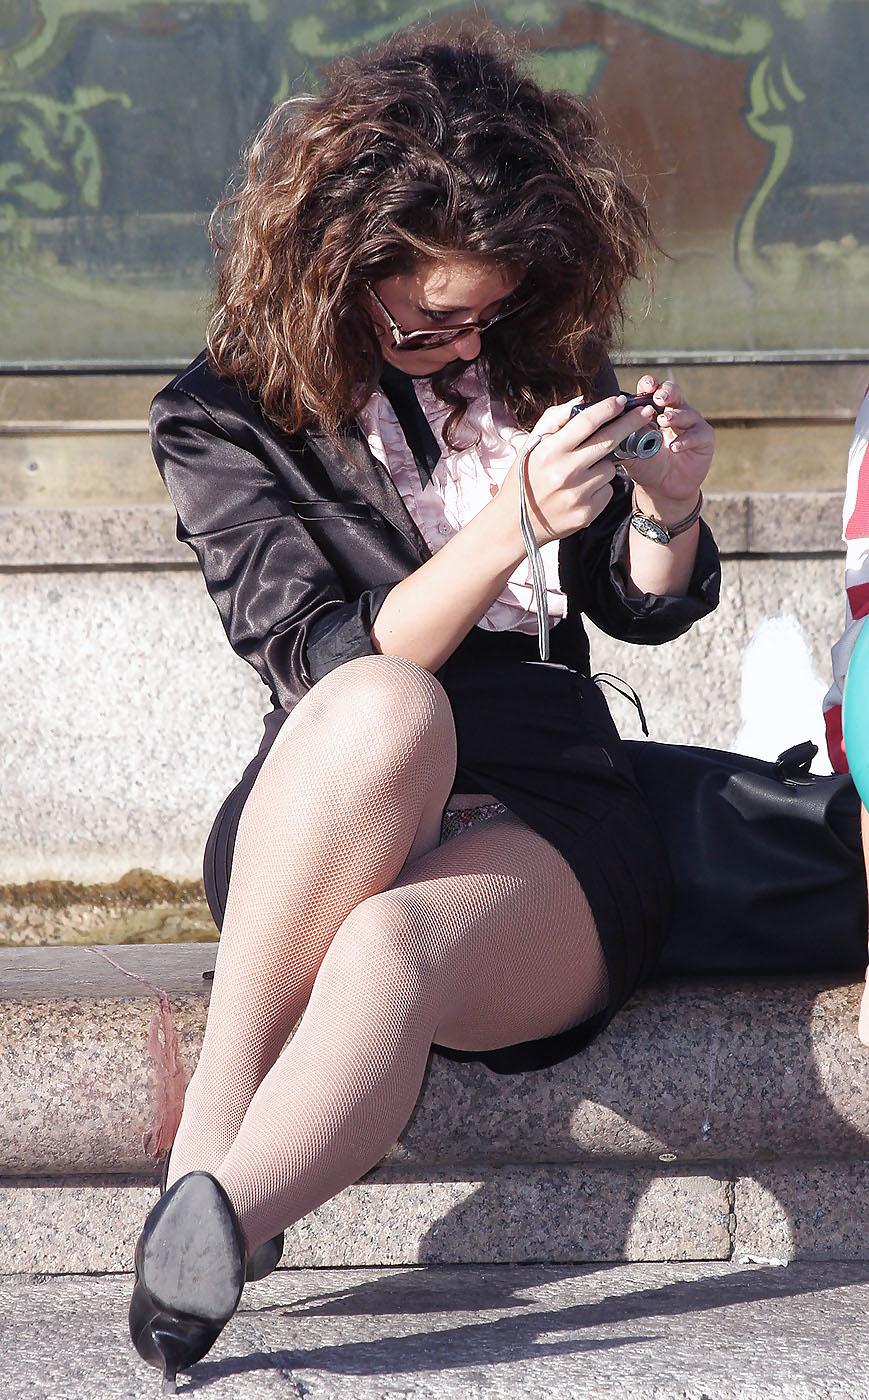 Девушка в колготках и мини-юбке засветила цветные трусики